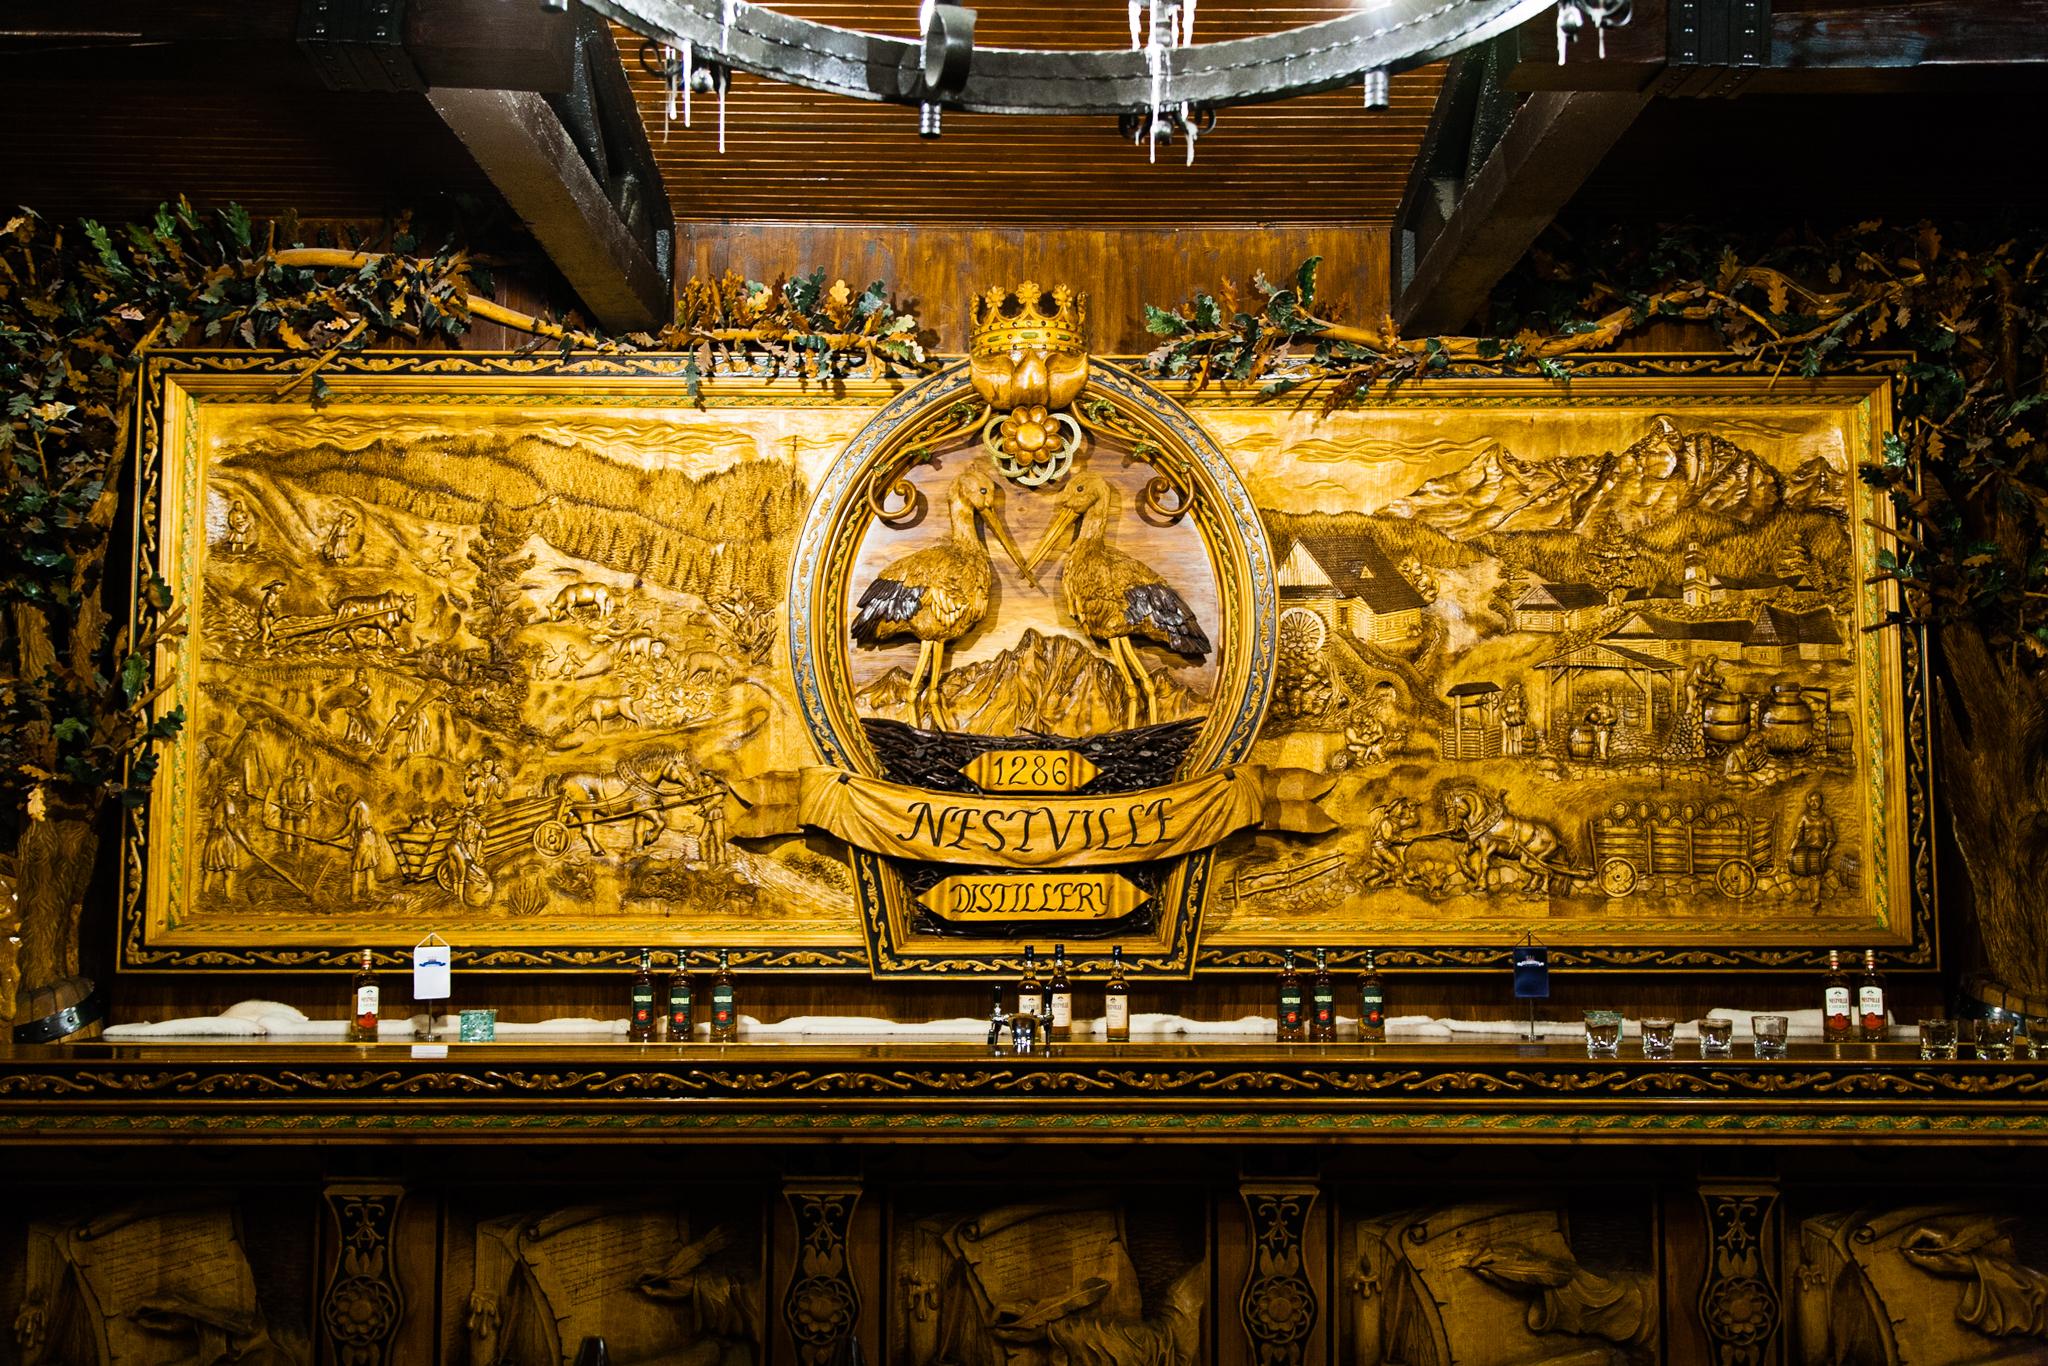 Das größte geschnitzte Bild in Europa.